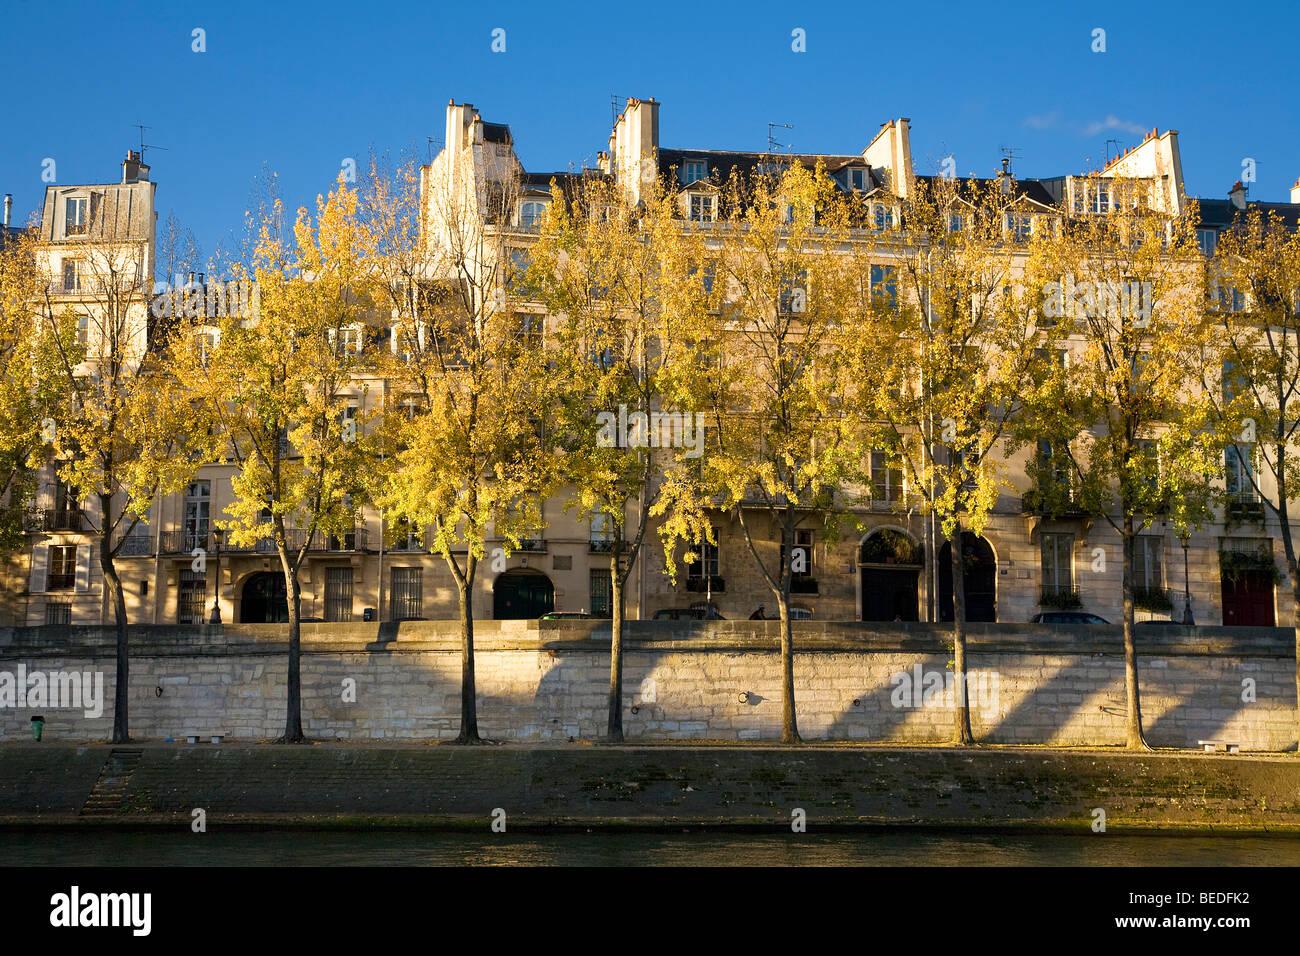 QUAY SIDE, ILE DE LA CITE, PARIS - Stock Image